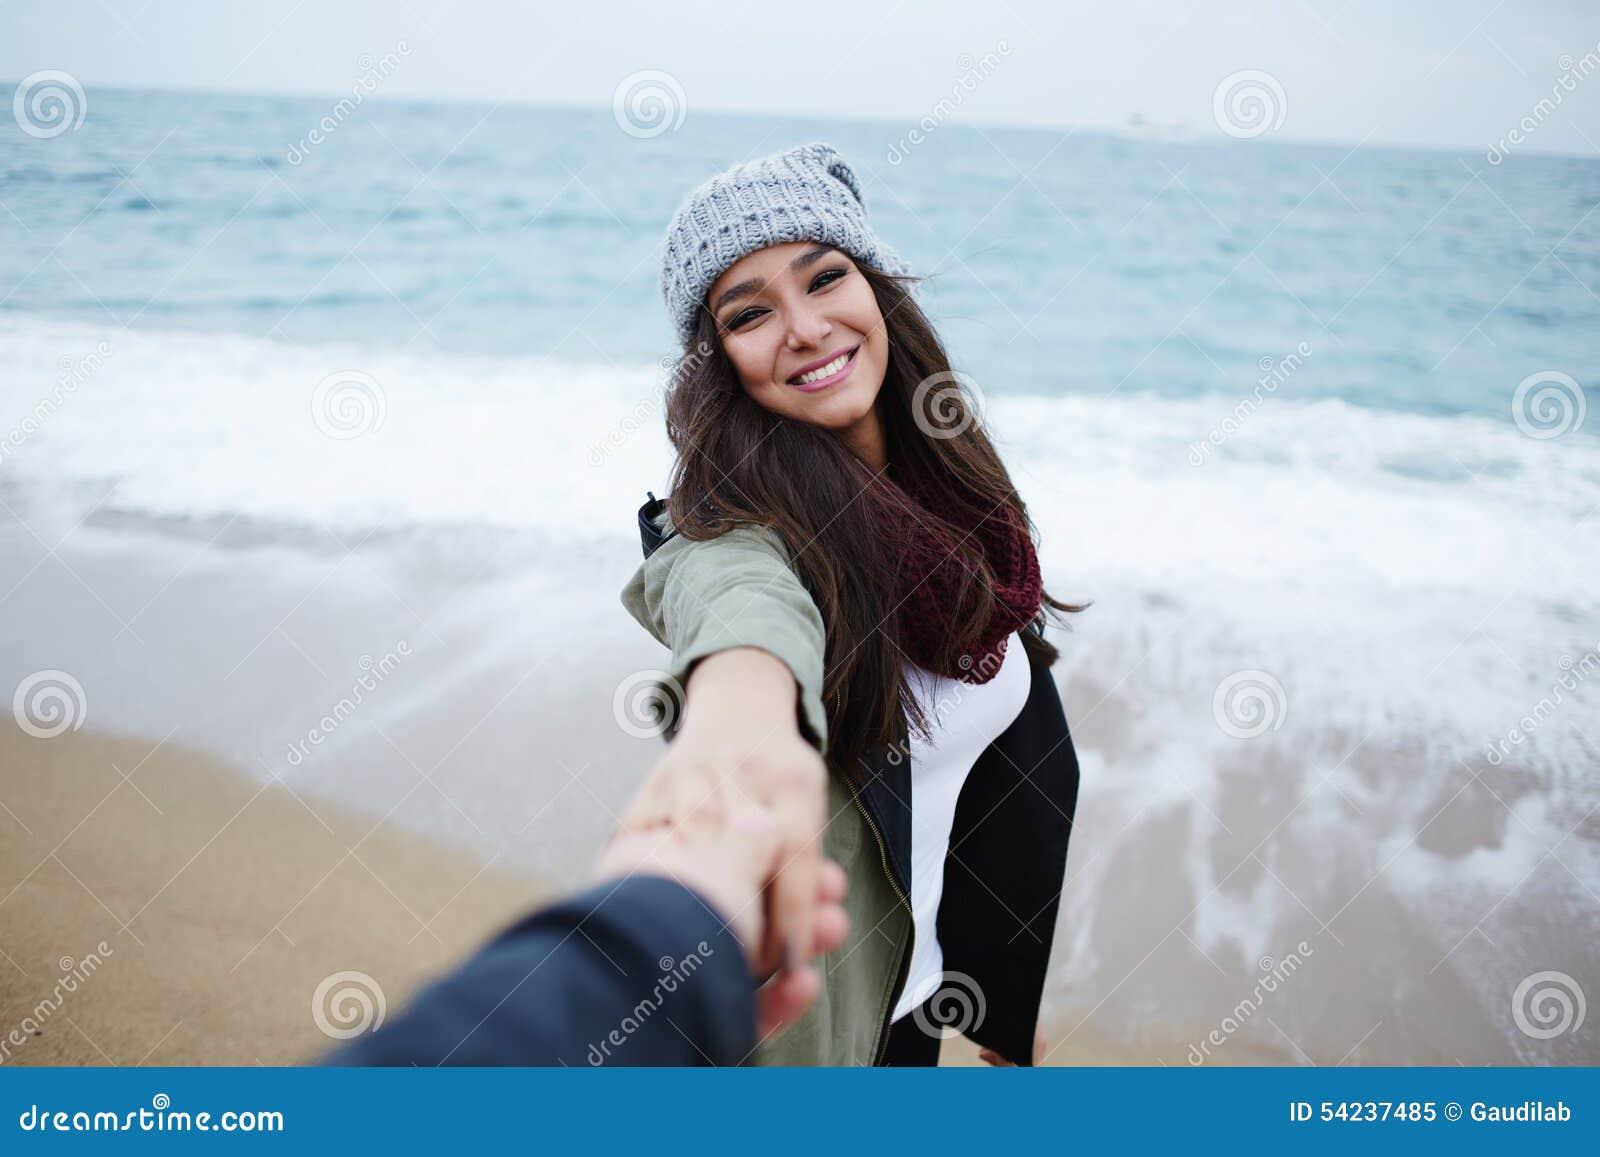 Los pares románticos en el paseo en la playa durante vacaciones viajan